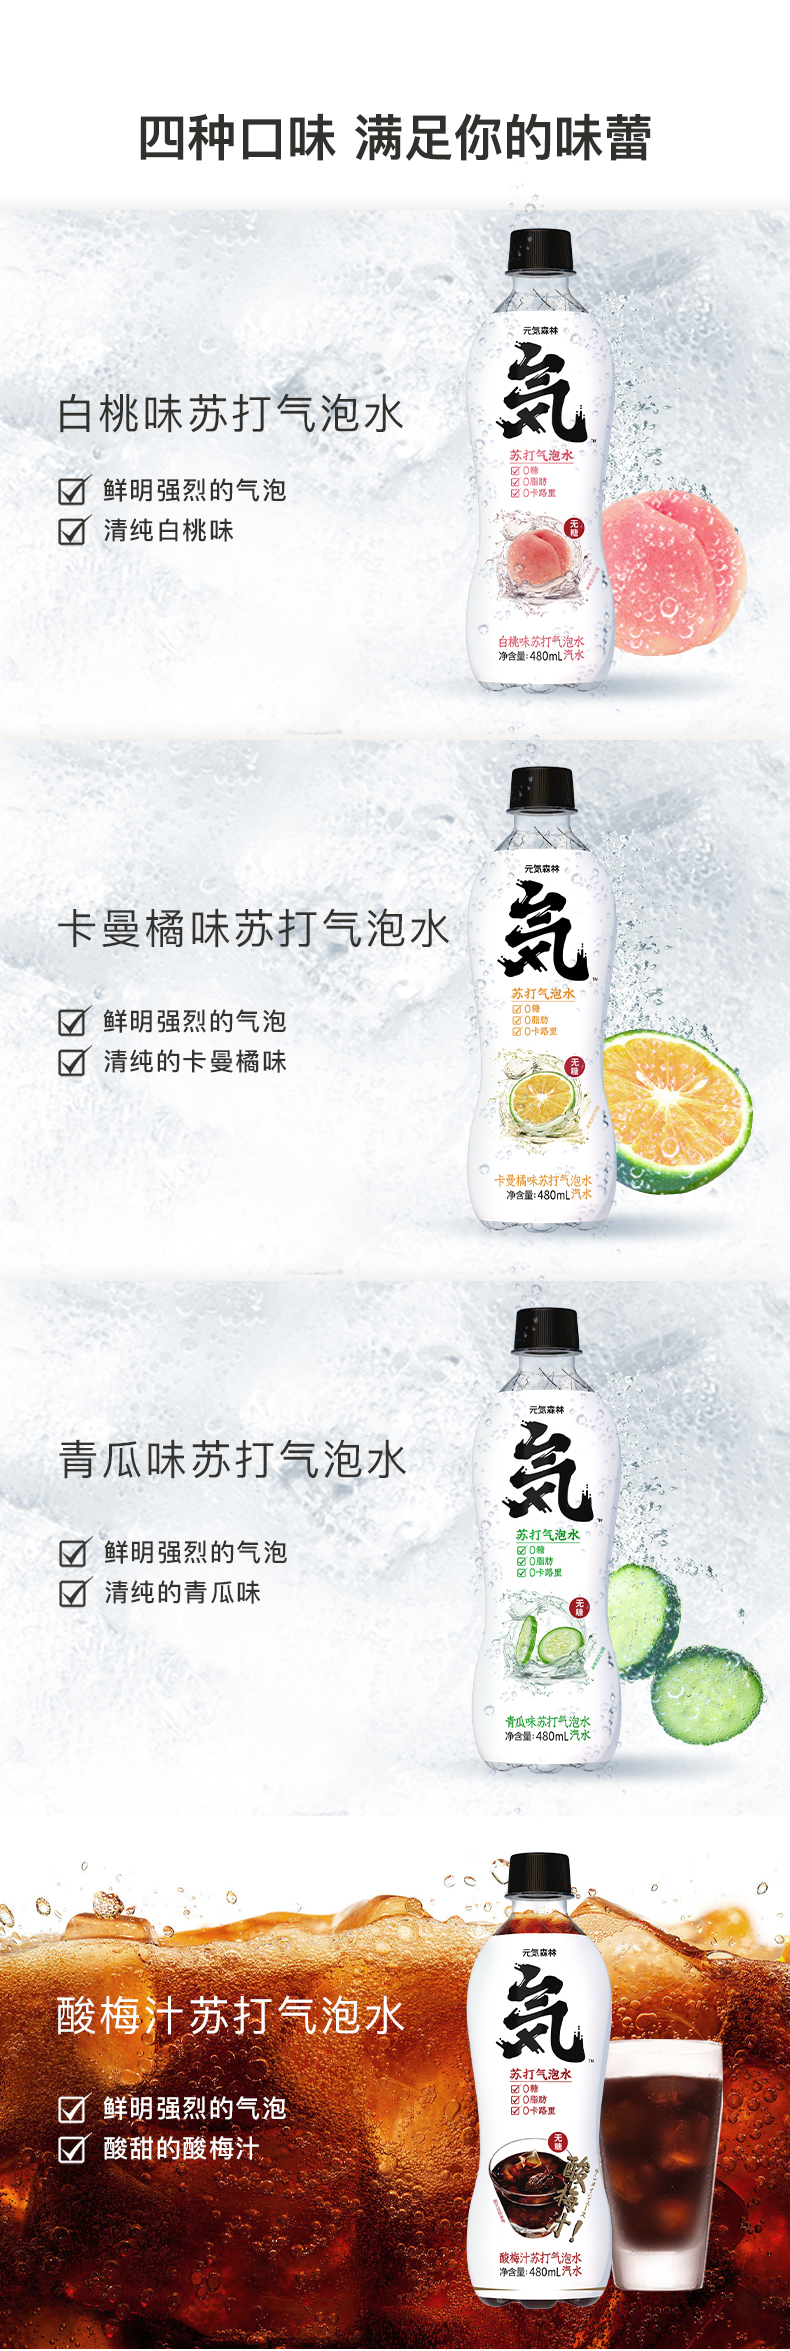 元気森林 0糖0脂0卡路里 白桃/青瓜/卡曼橘味苏打气泡水 480ml*12瓶 图4